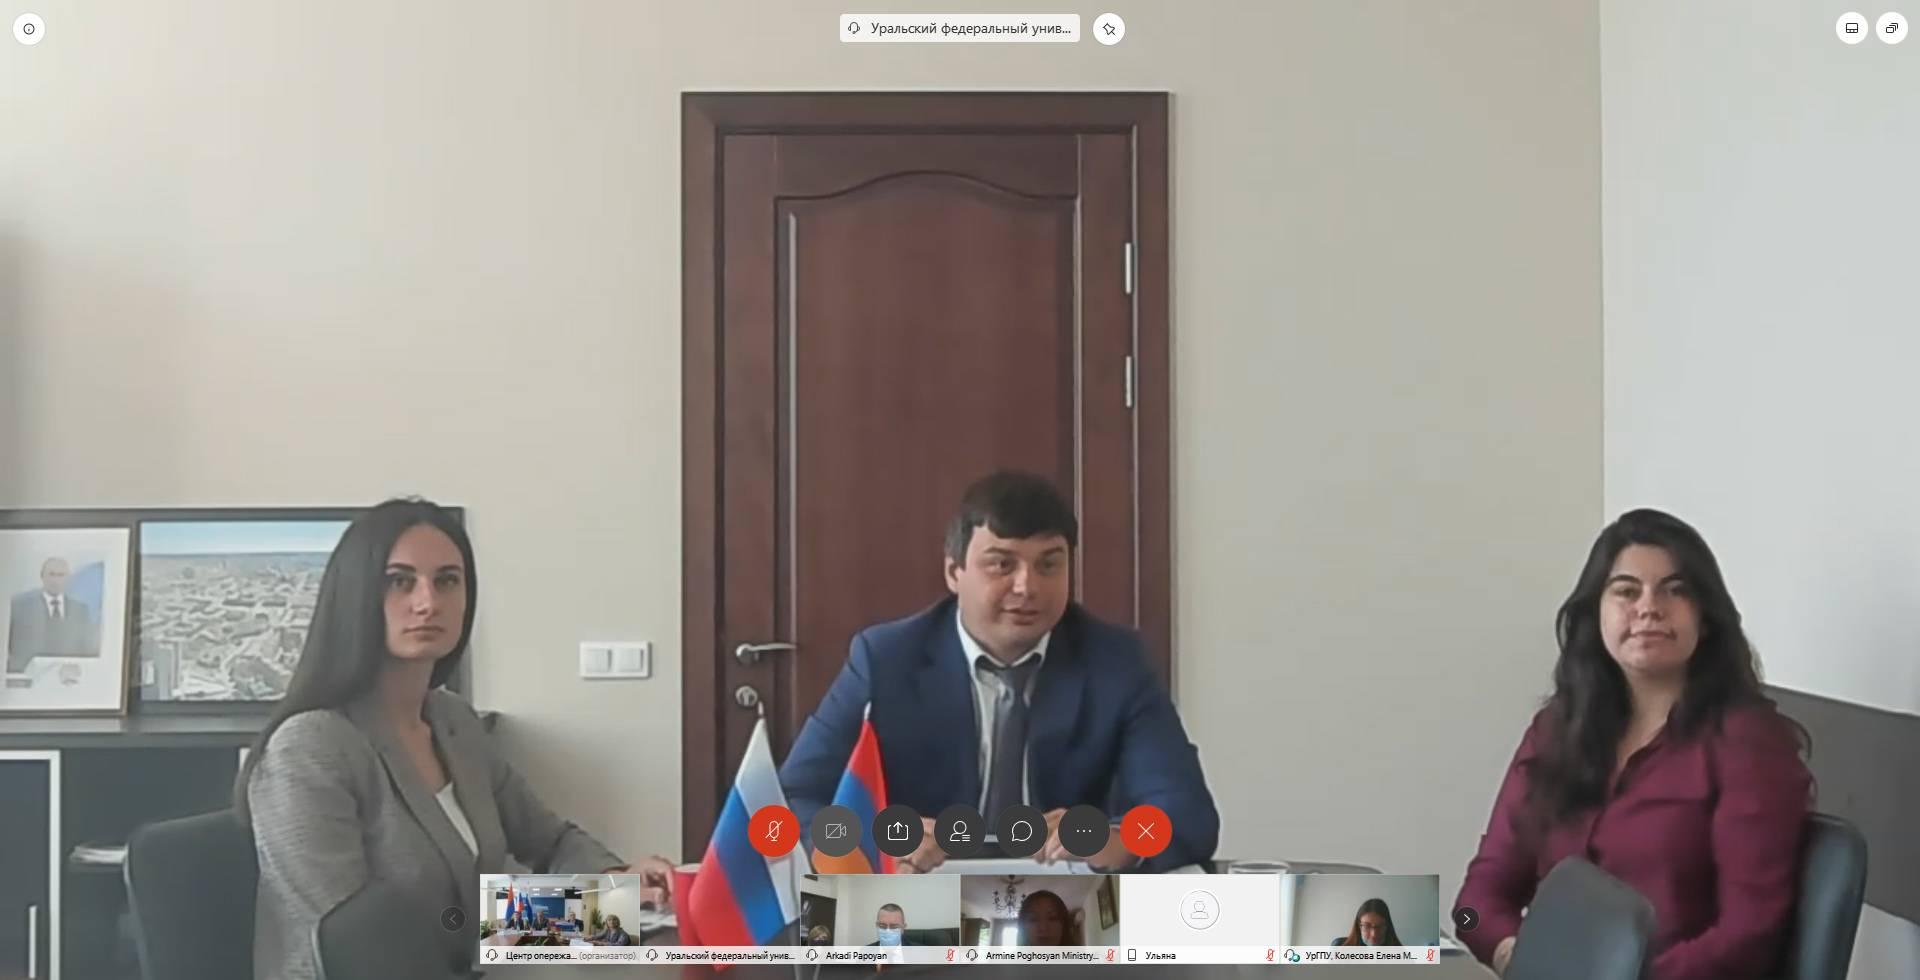 УрГЭУ расширяет сотрудничество с вузами Армении